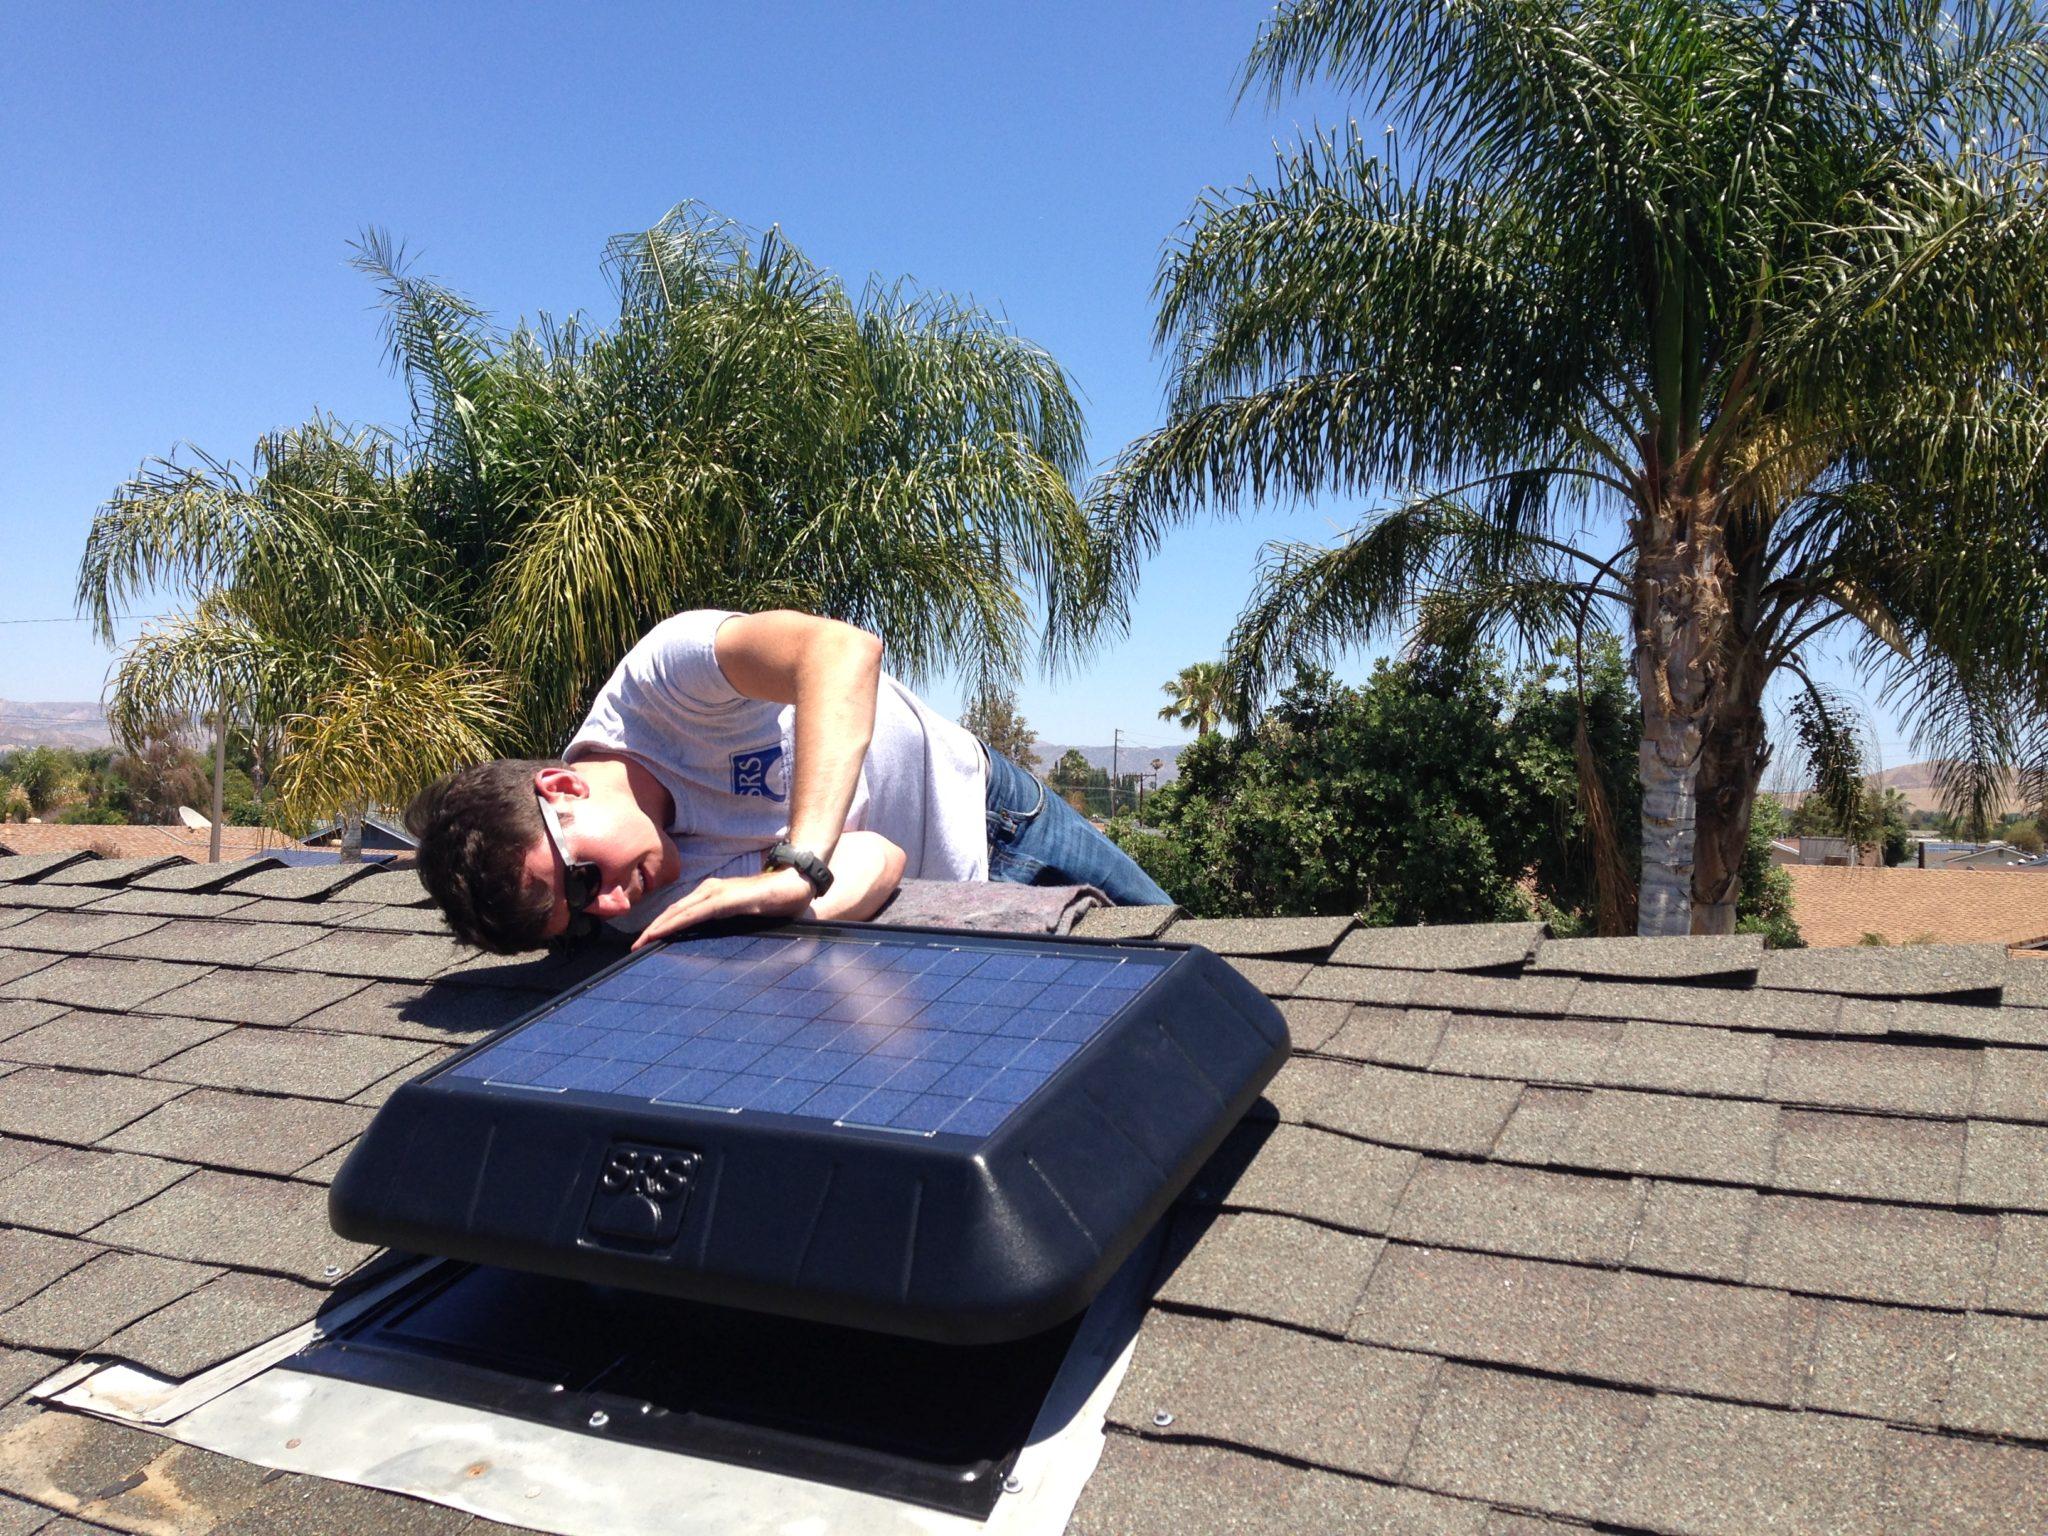 Solar star attic fan complaints - Installing A Solar Attic Fan